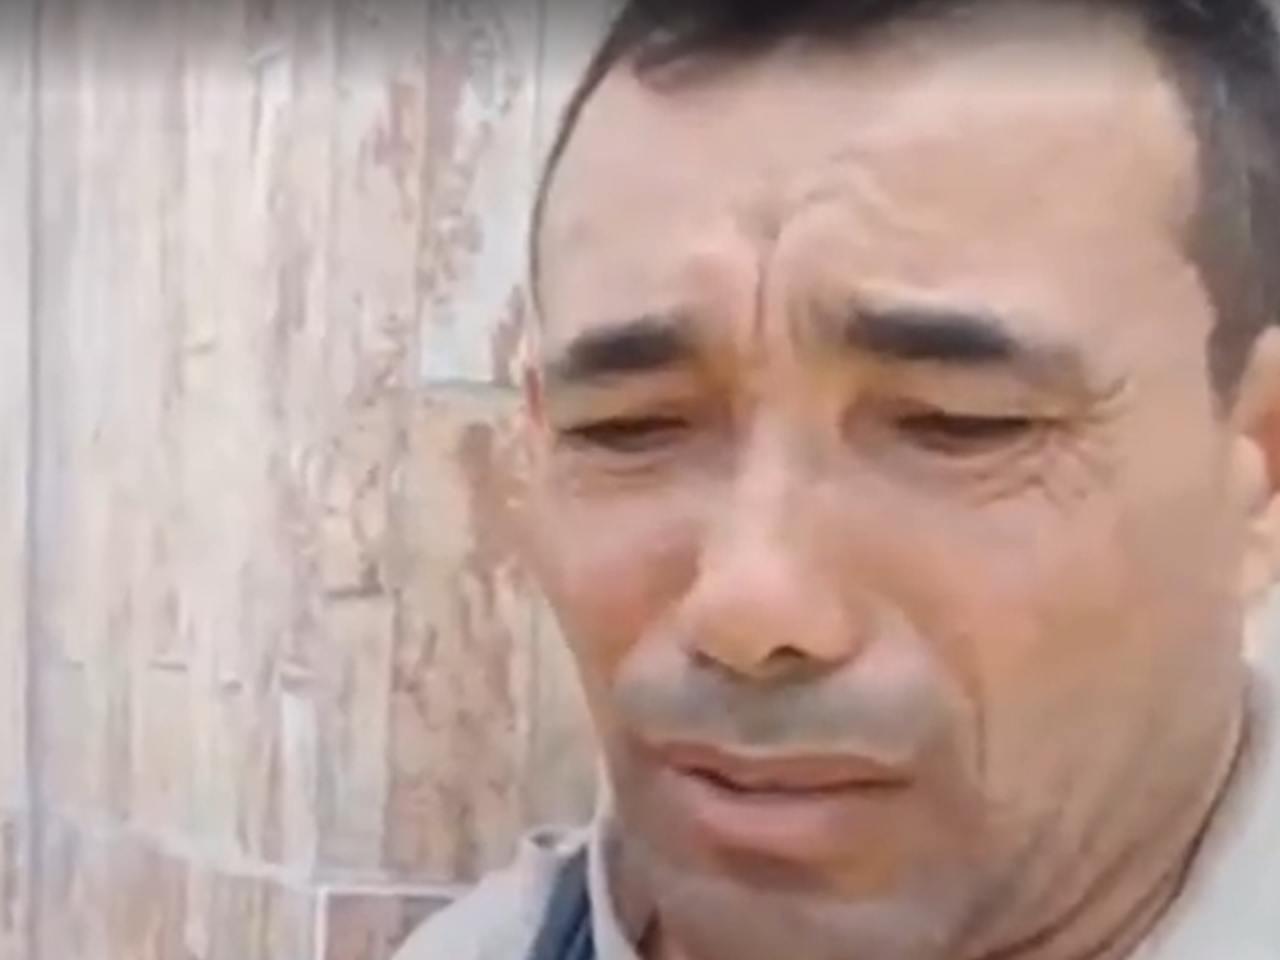 João Batista irmão feirante morto